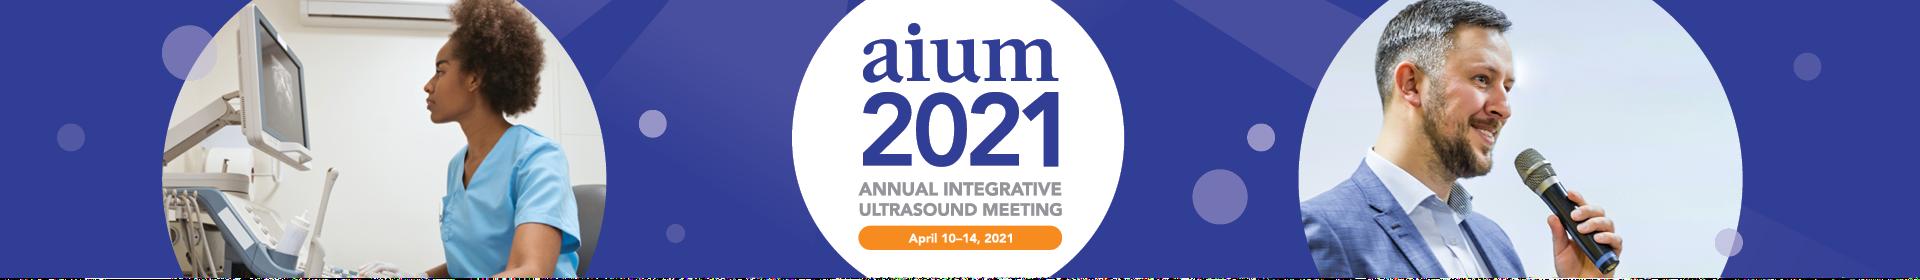 AIUM 2021 Event Banner